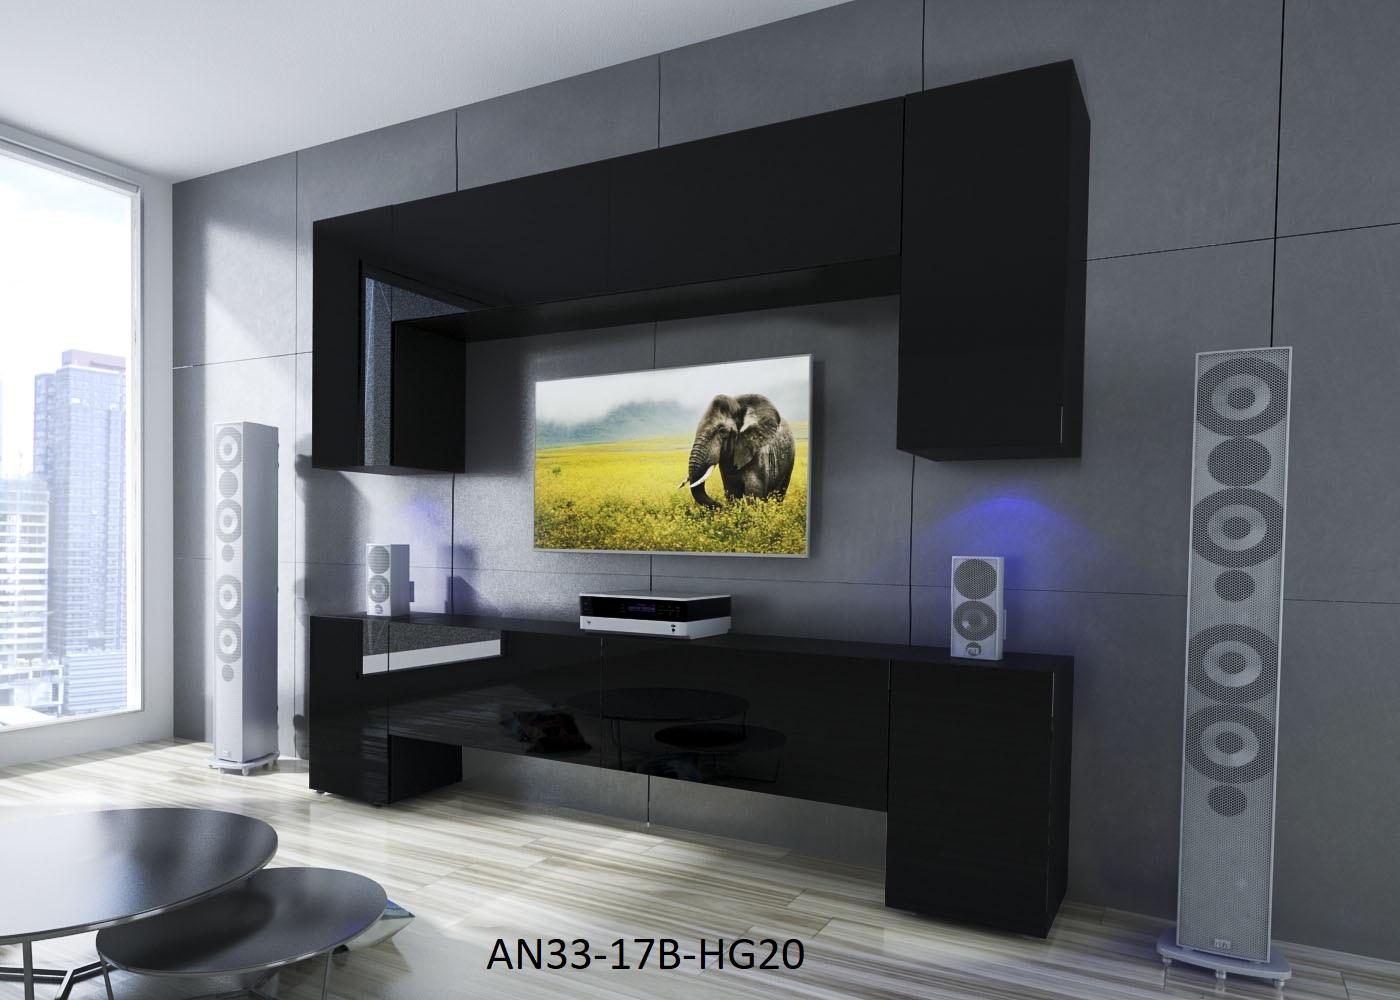 Möbel für Wohnzimmer Schwarz und glänzend – Ekwador NX 33